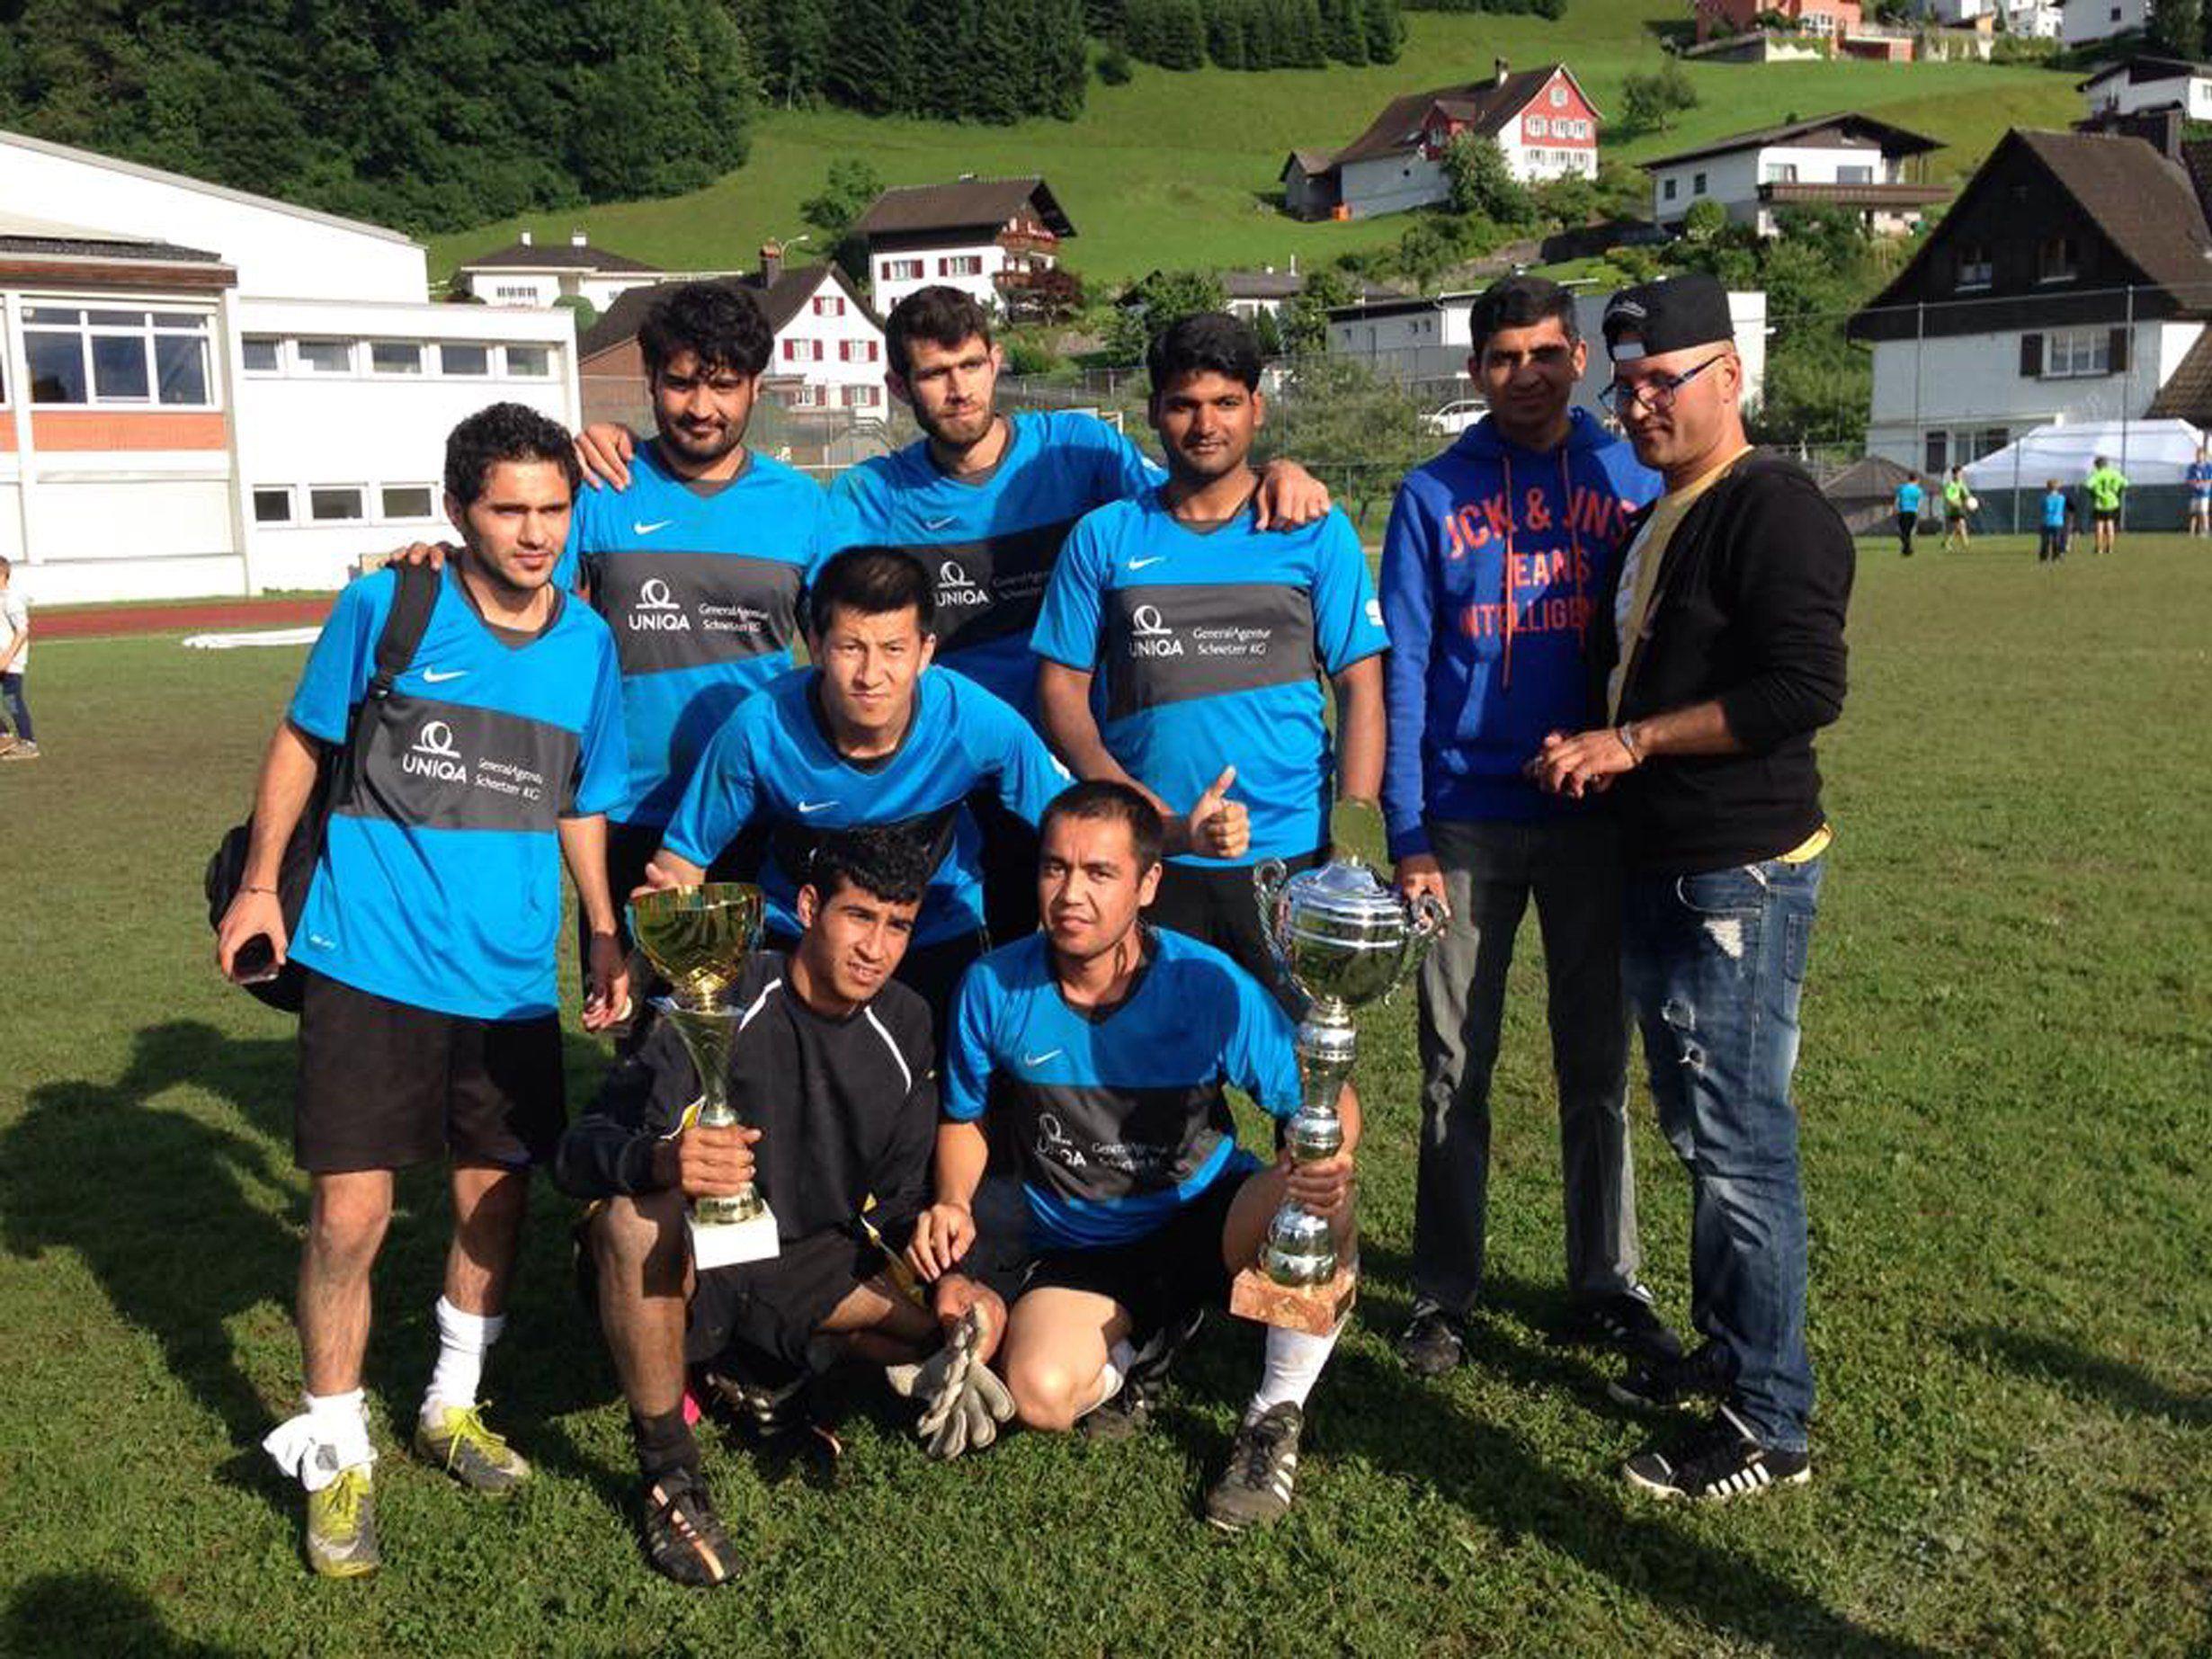 So sehen Sieger aus. Das Migranten Team vom Haus der frohen Botschaft triumphierte beim Zwischenwässler OVT.